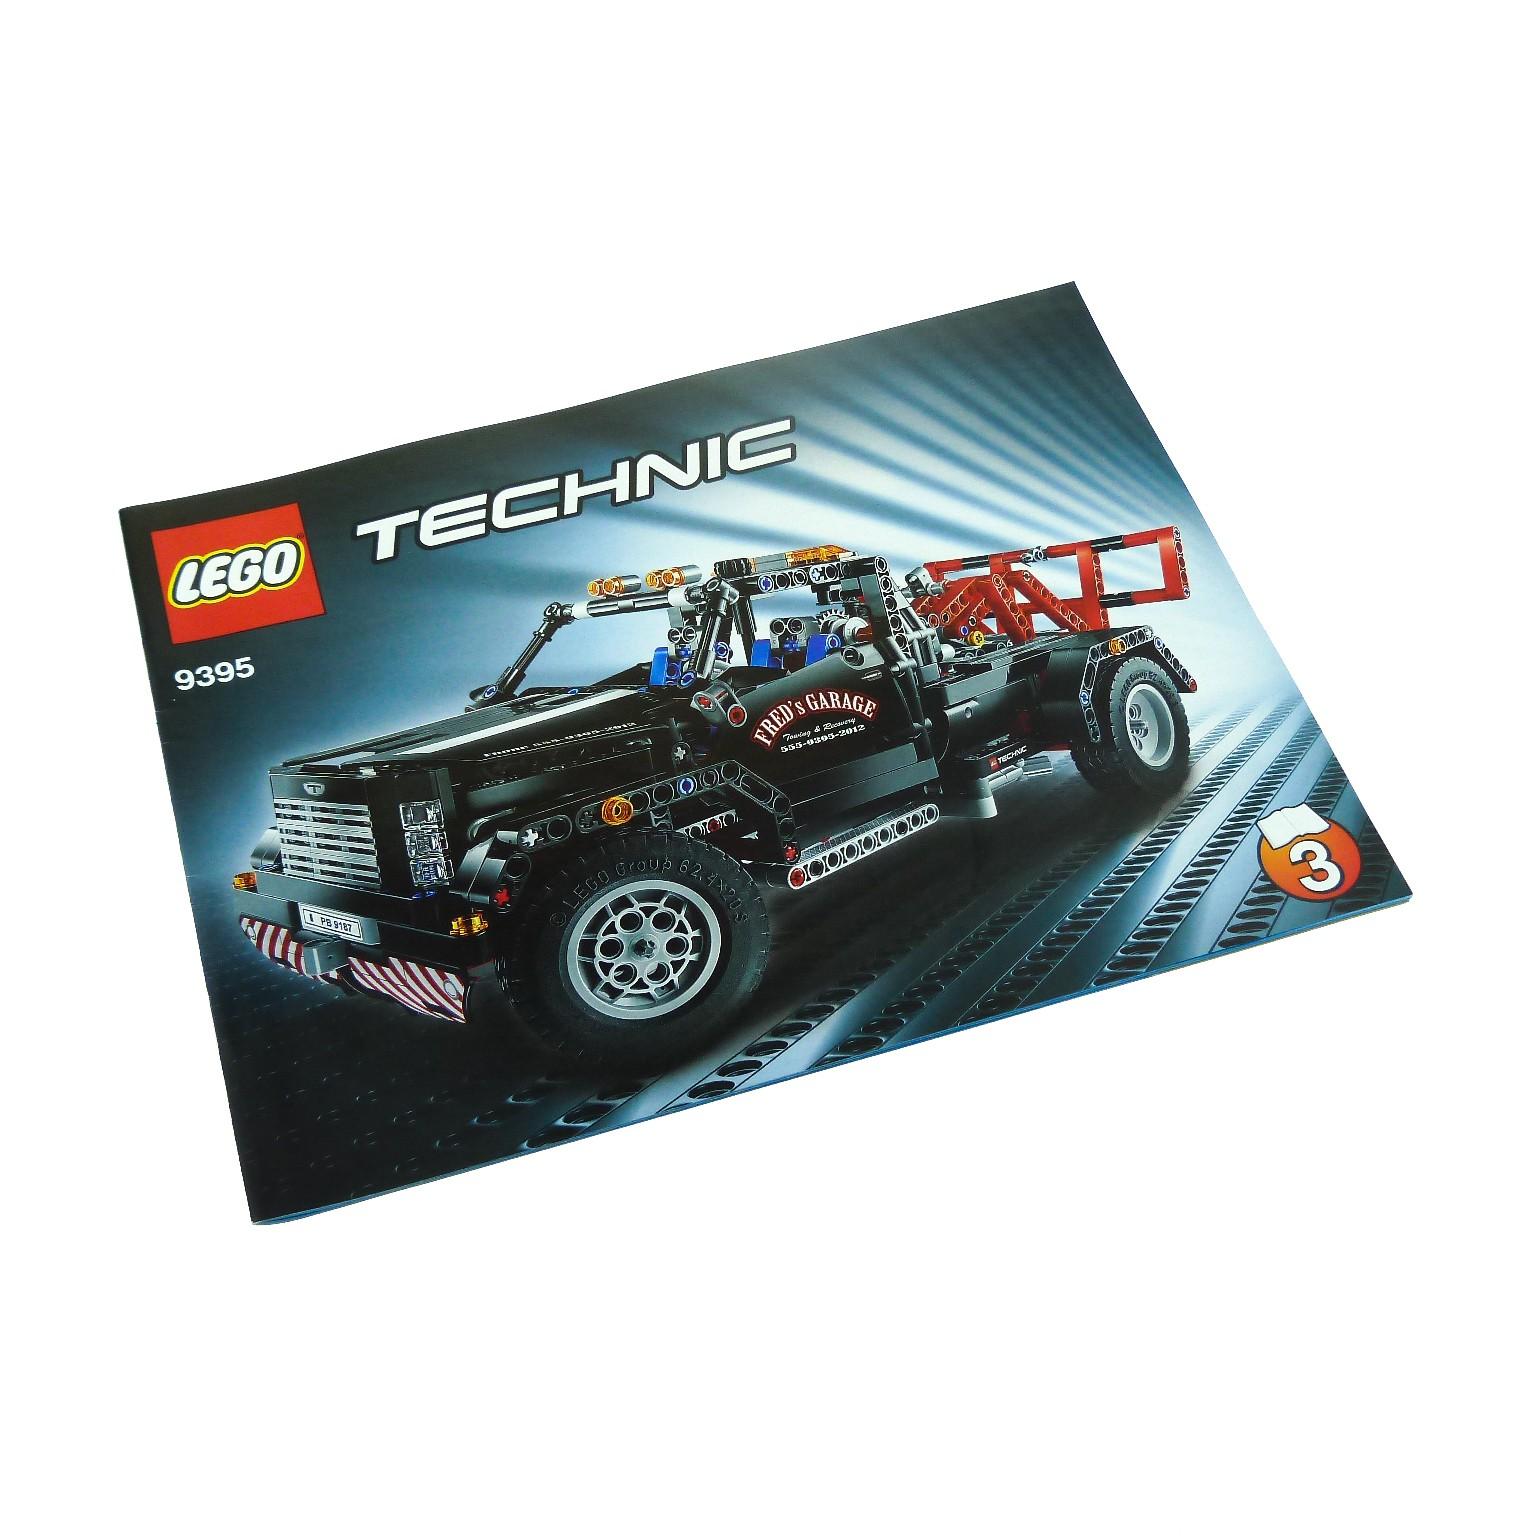 1 X Lego Technic Bauanleitung Nr 3 Für Set Model Traffic